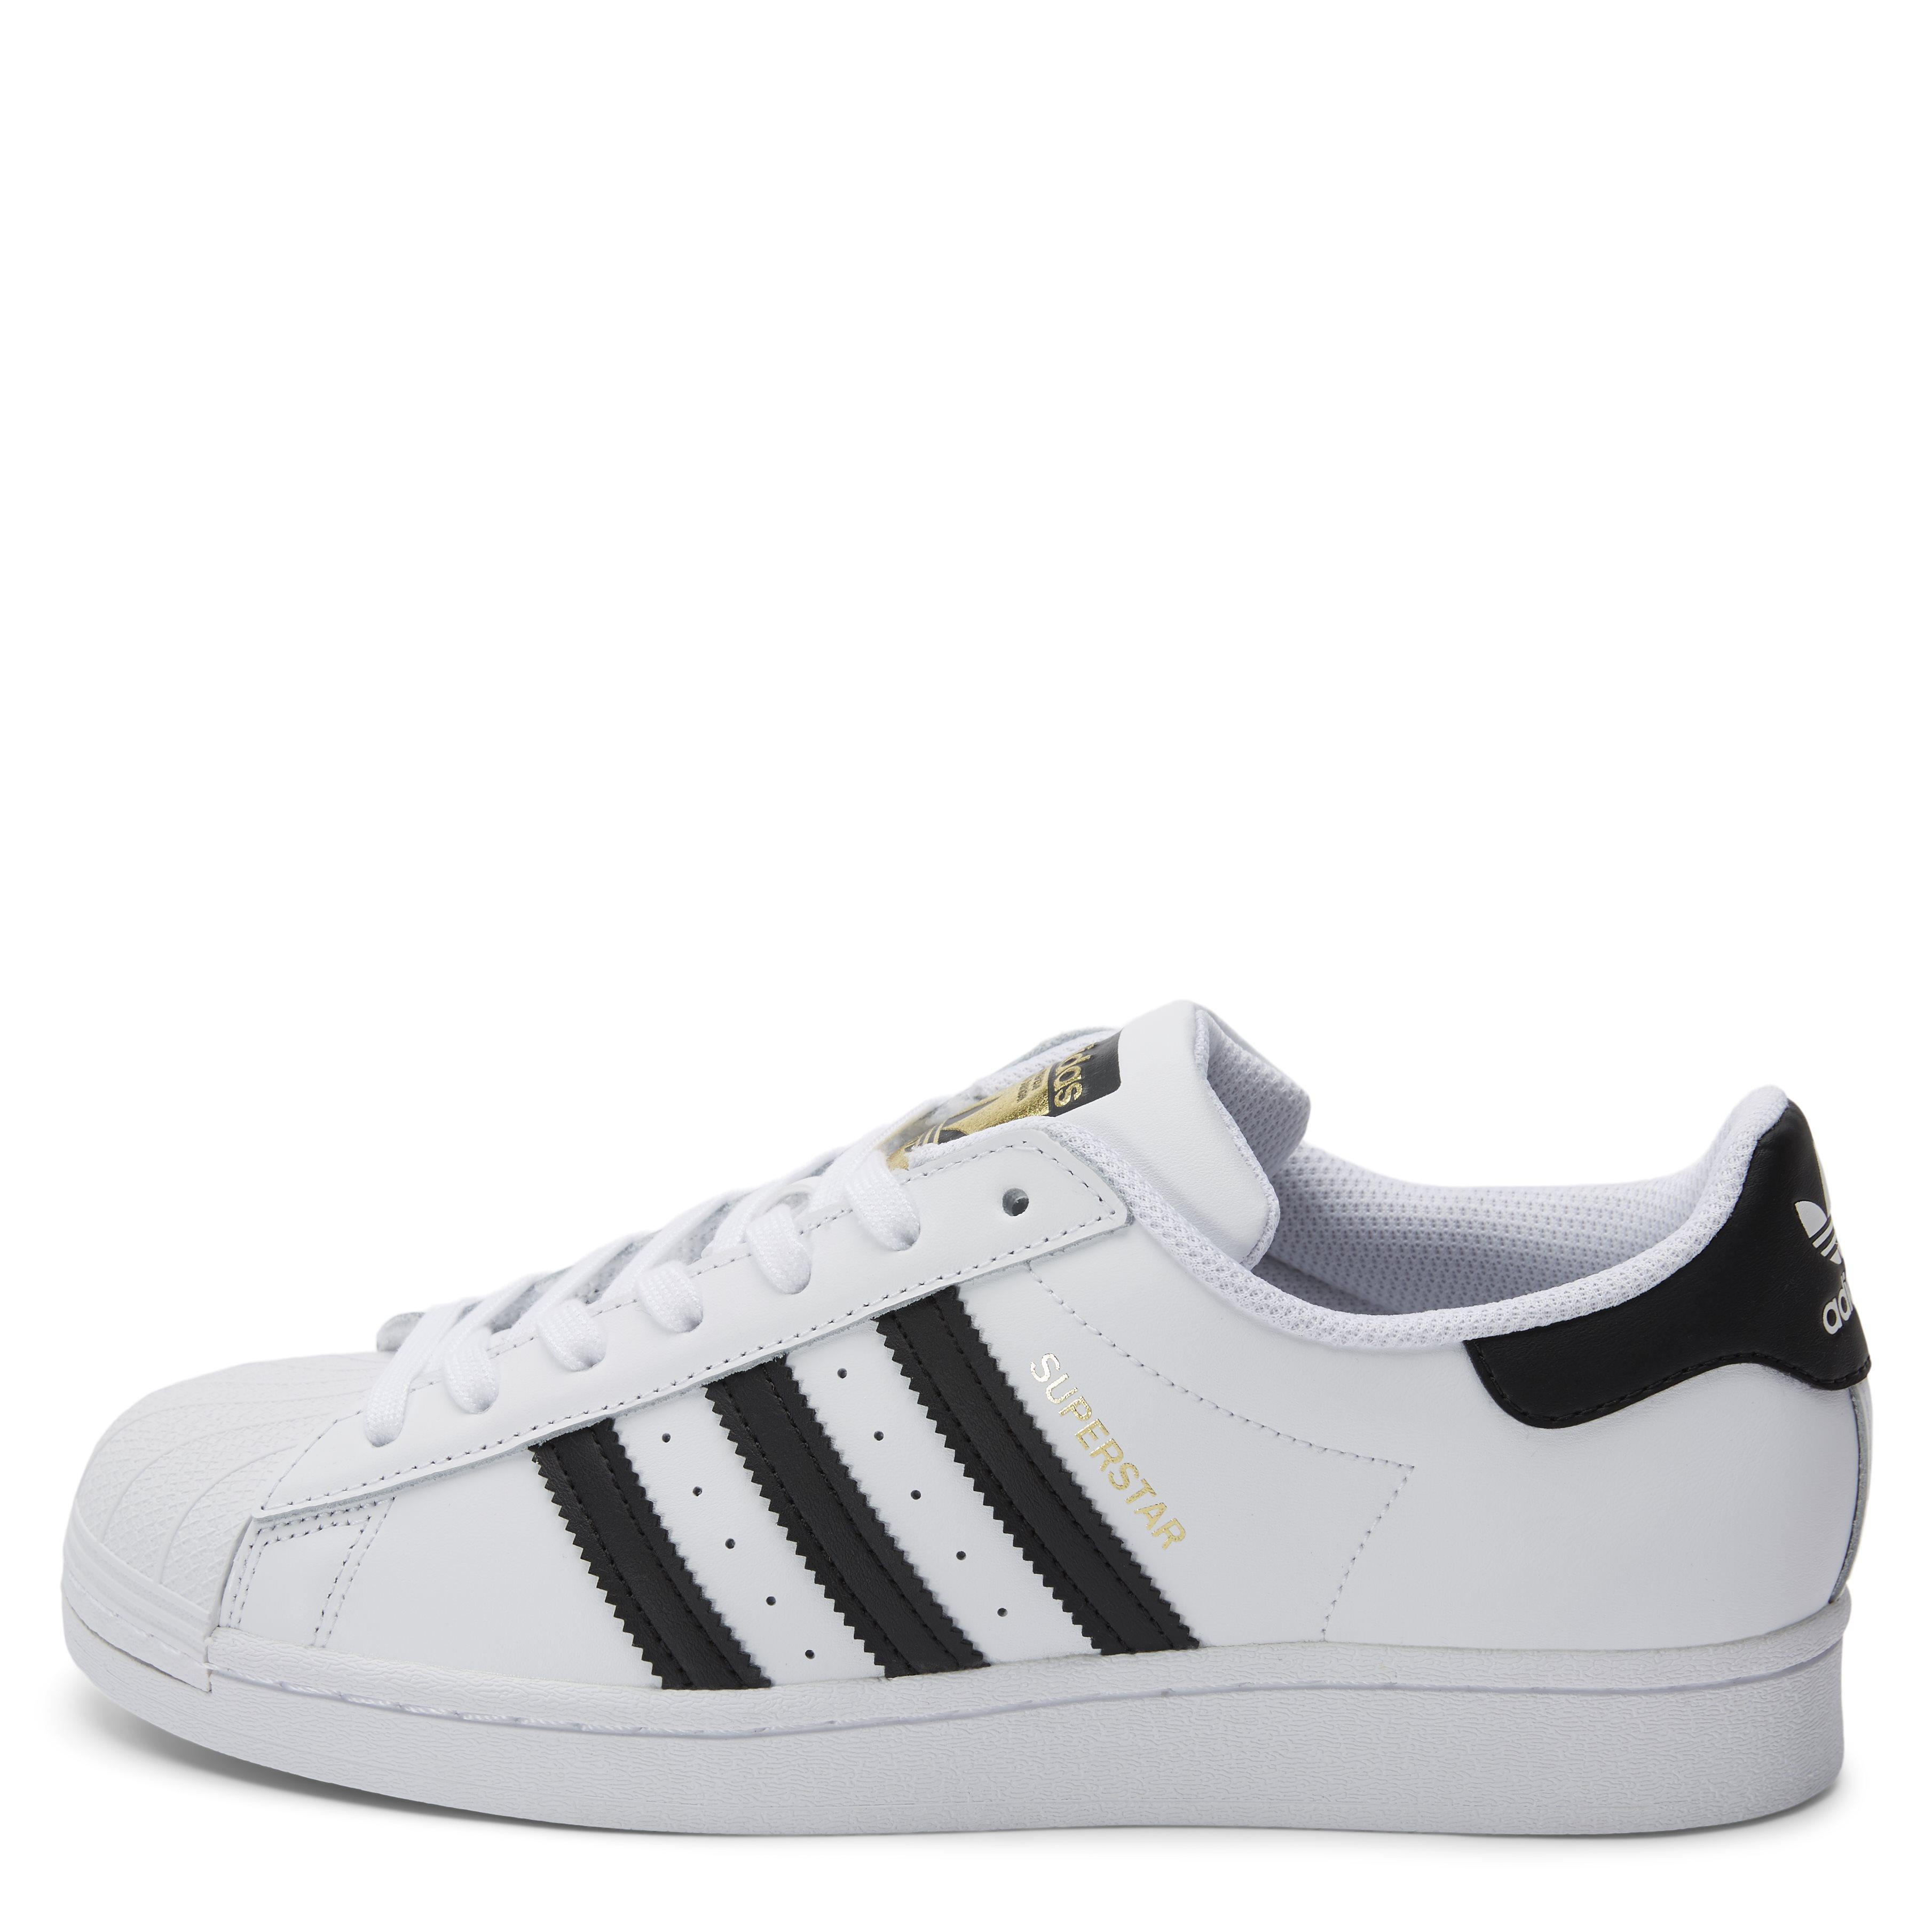 Superstar Sneaker - Sko - Hvid